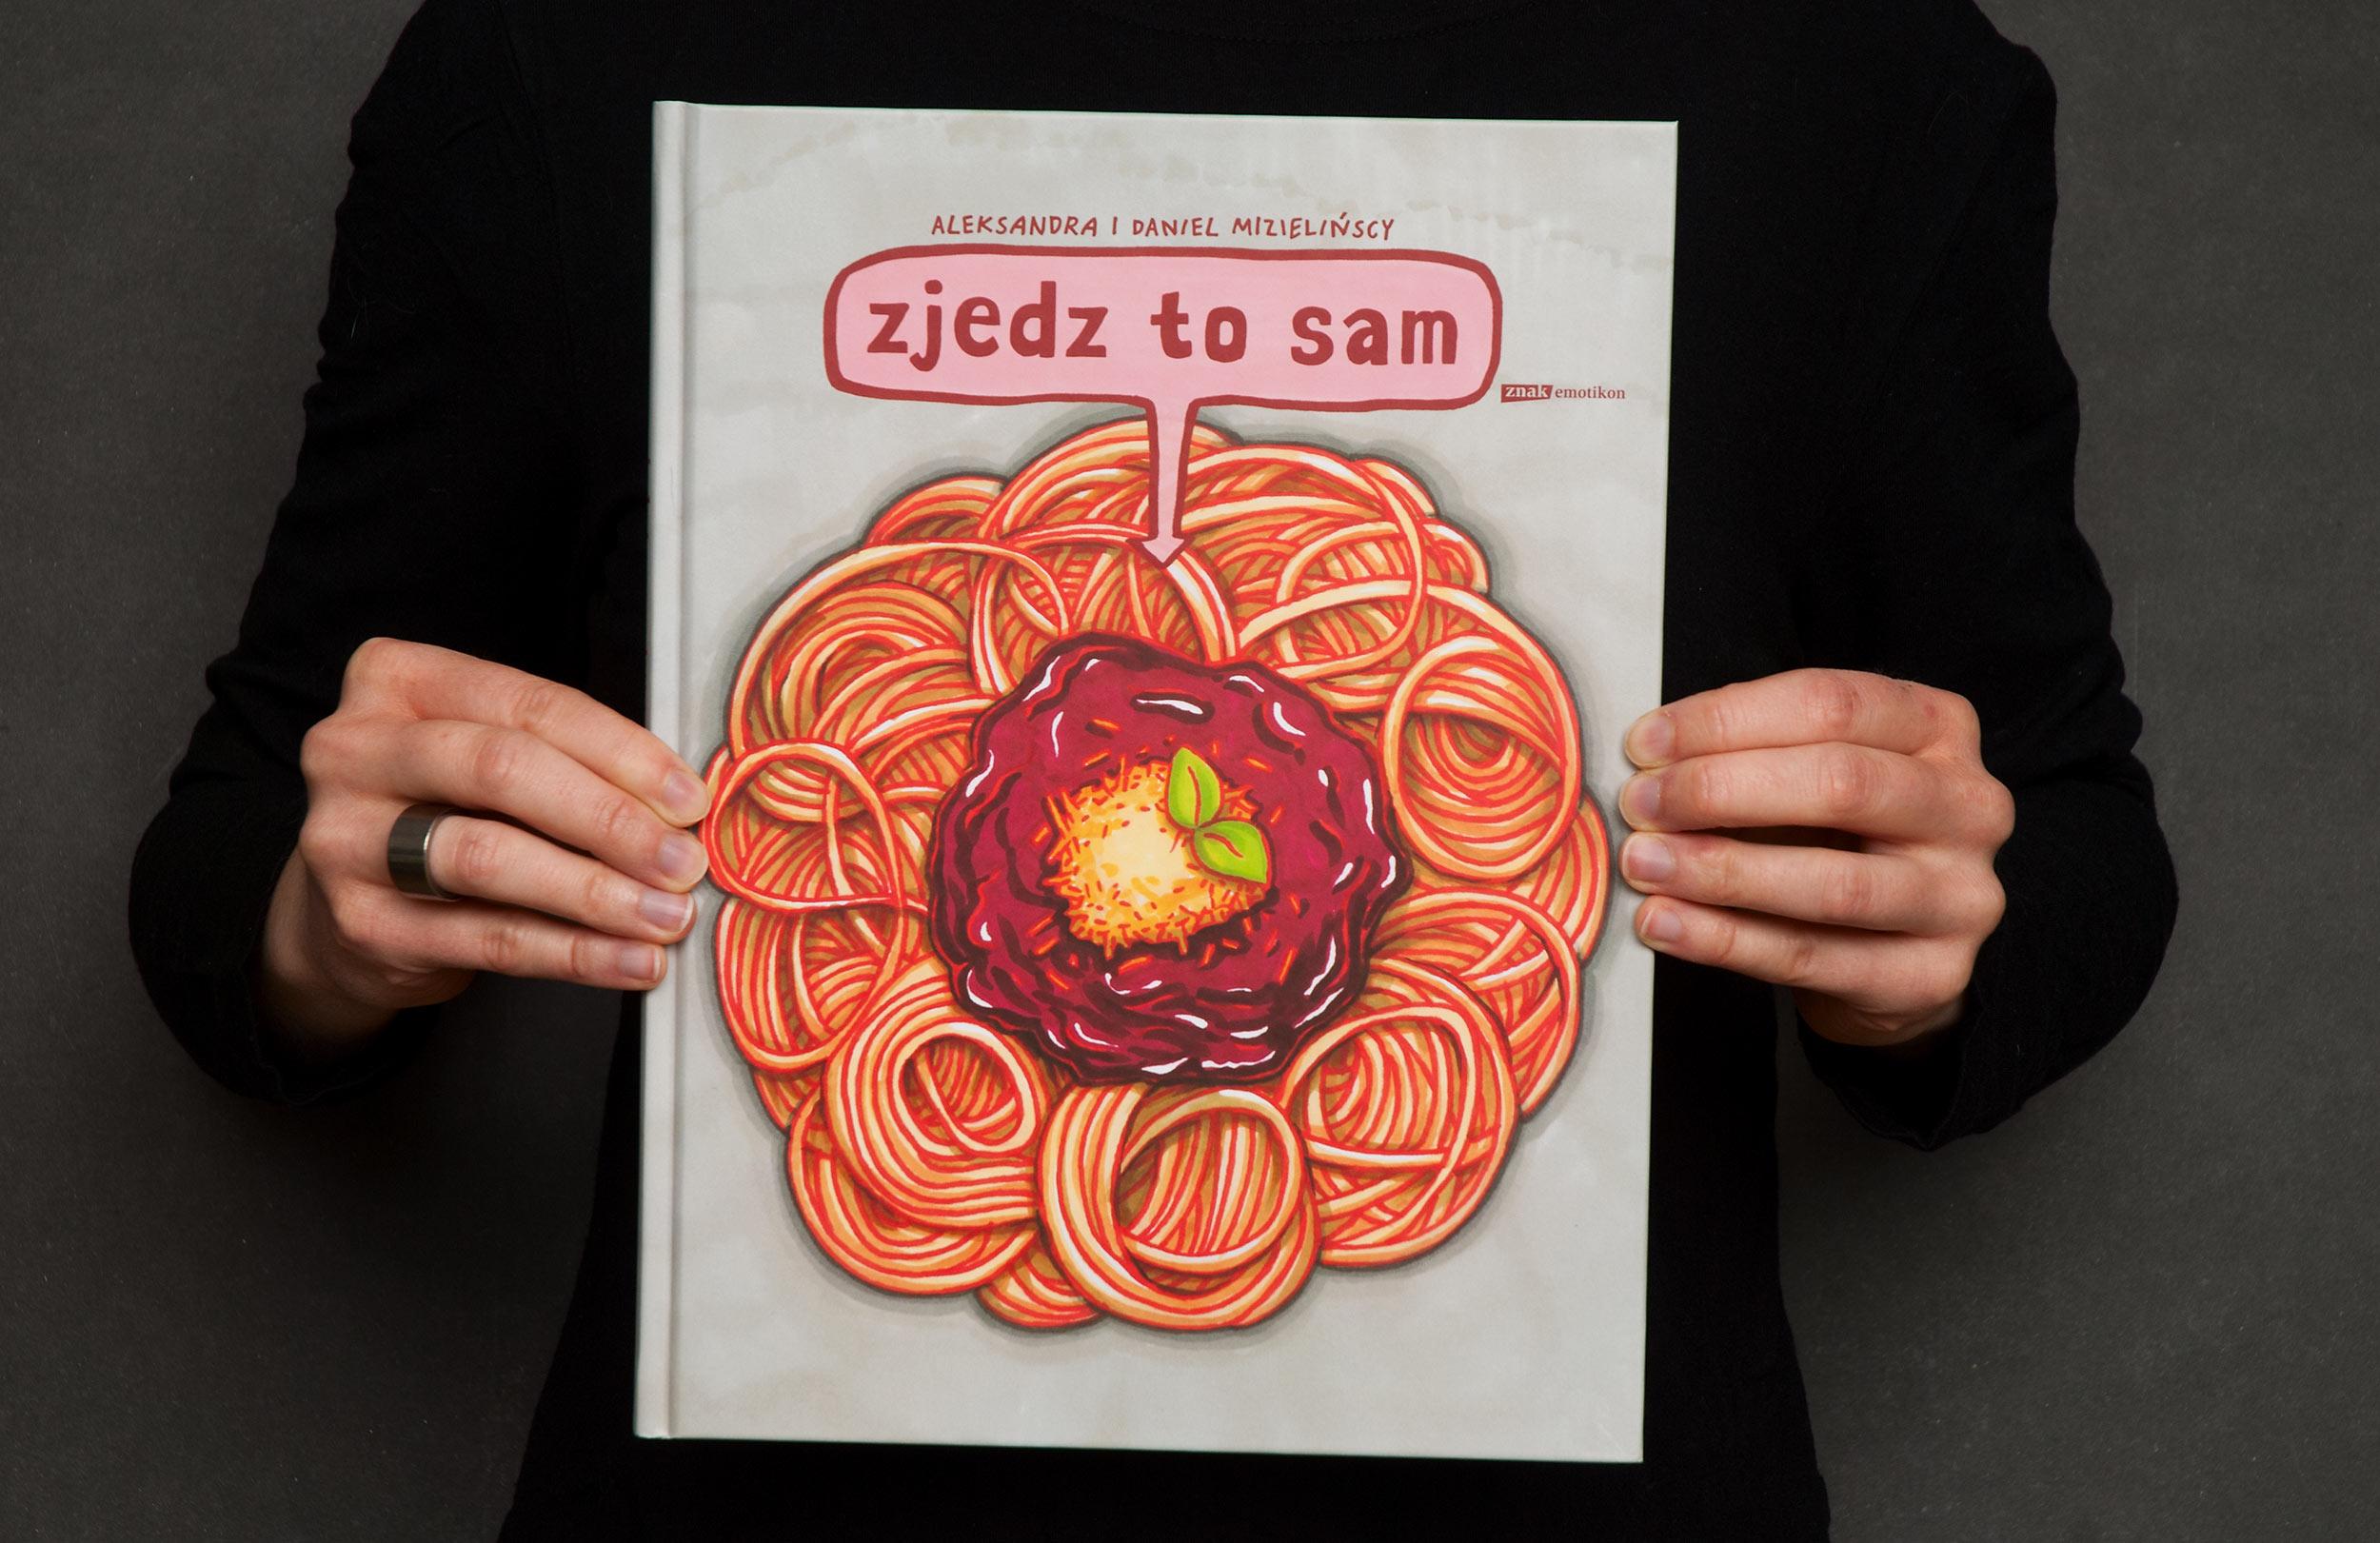 zjedz-to-sam-01.jpg